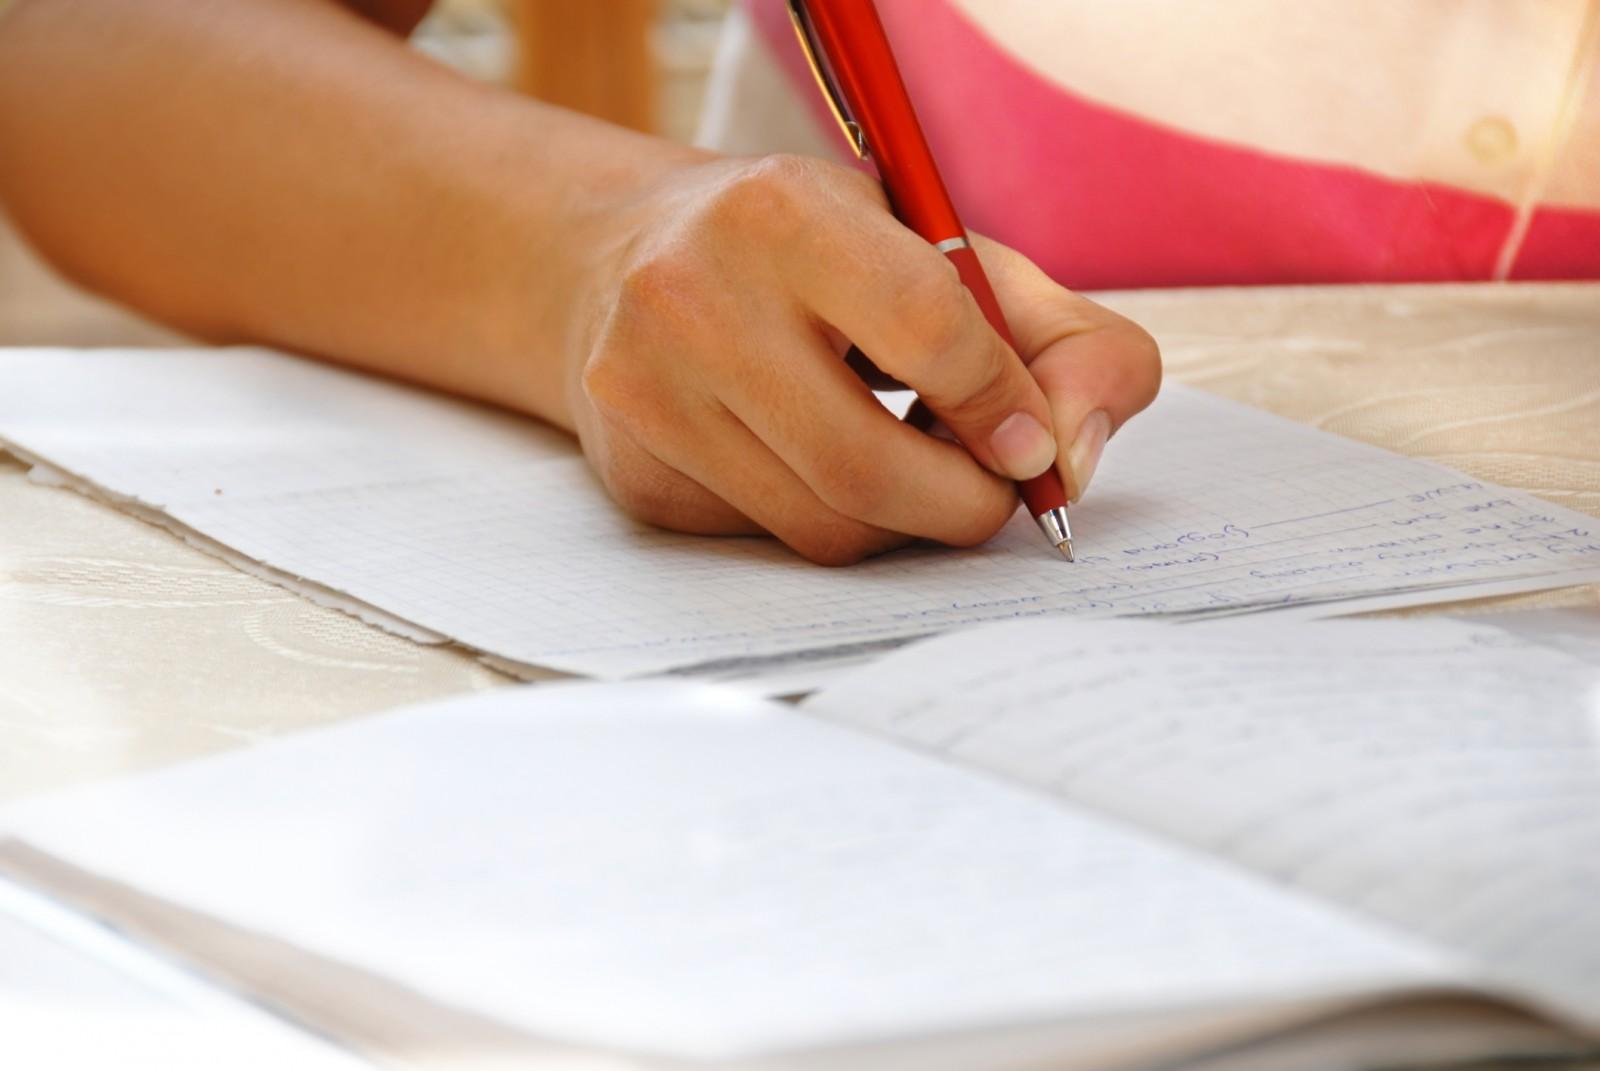 Tips to work through writer's block